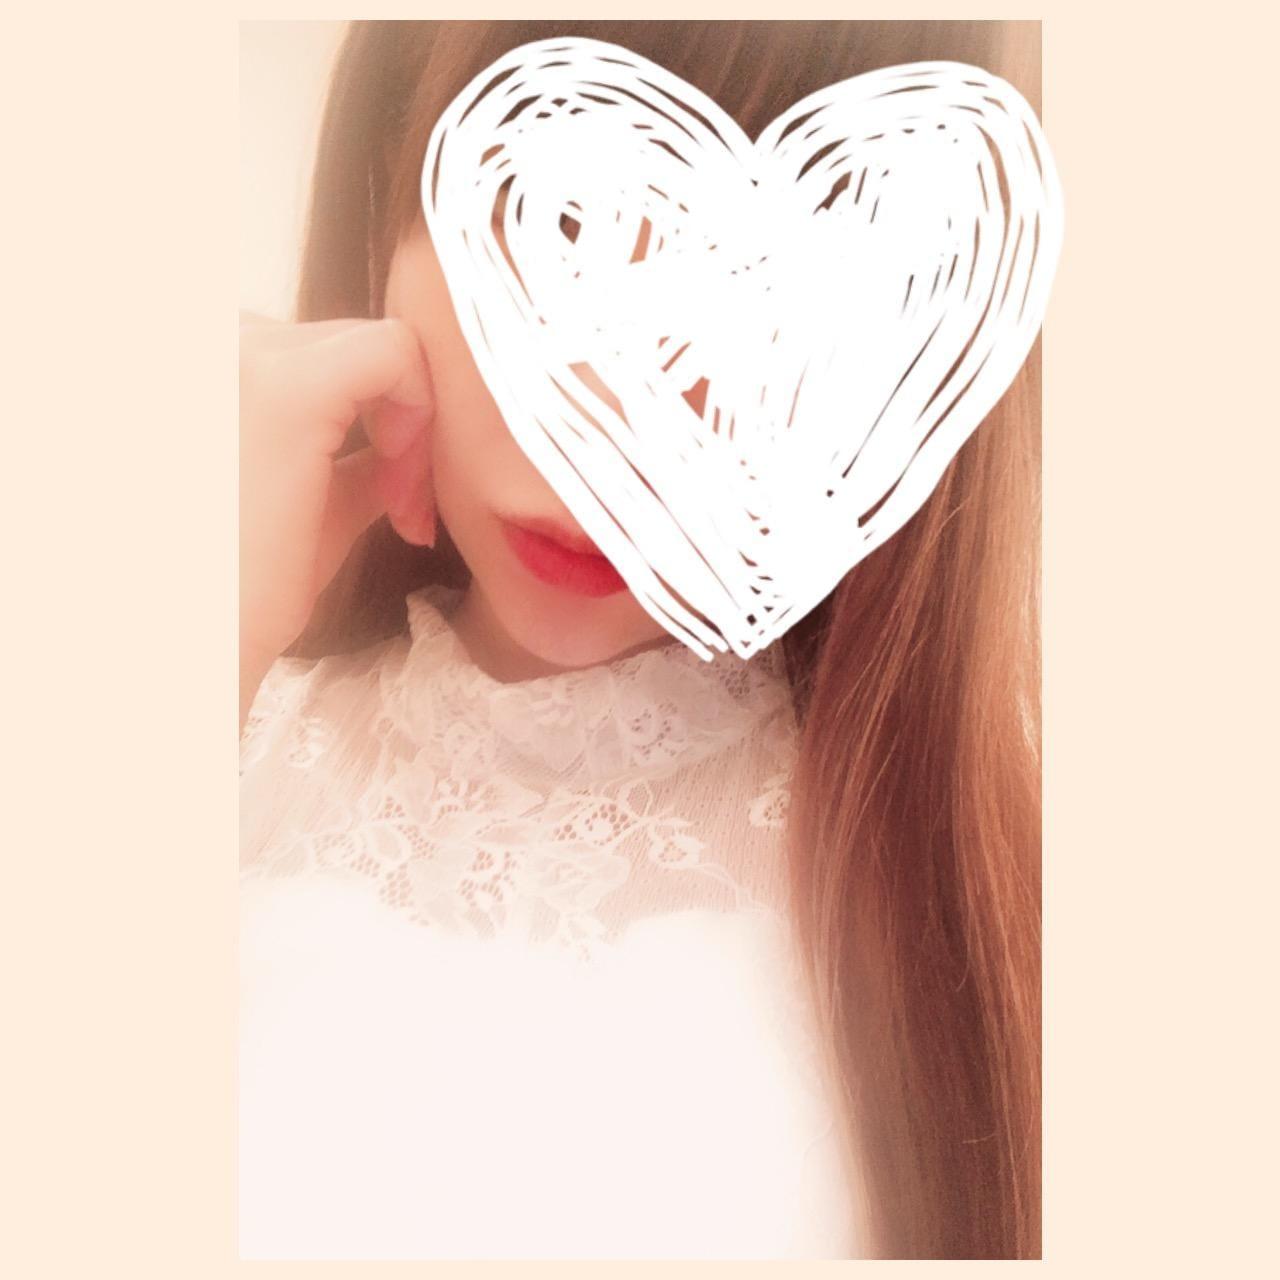 「ミレン♪21時から宜しくお願いします♪」09/07(金) 18:50 | 美恋(ミレン)の写メ・風俗動画